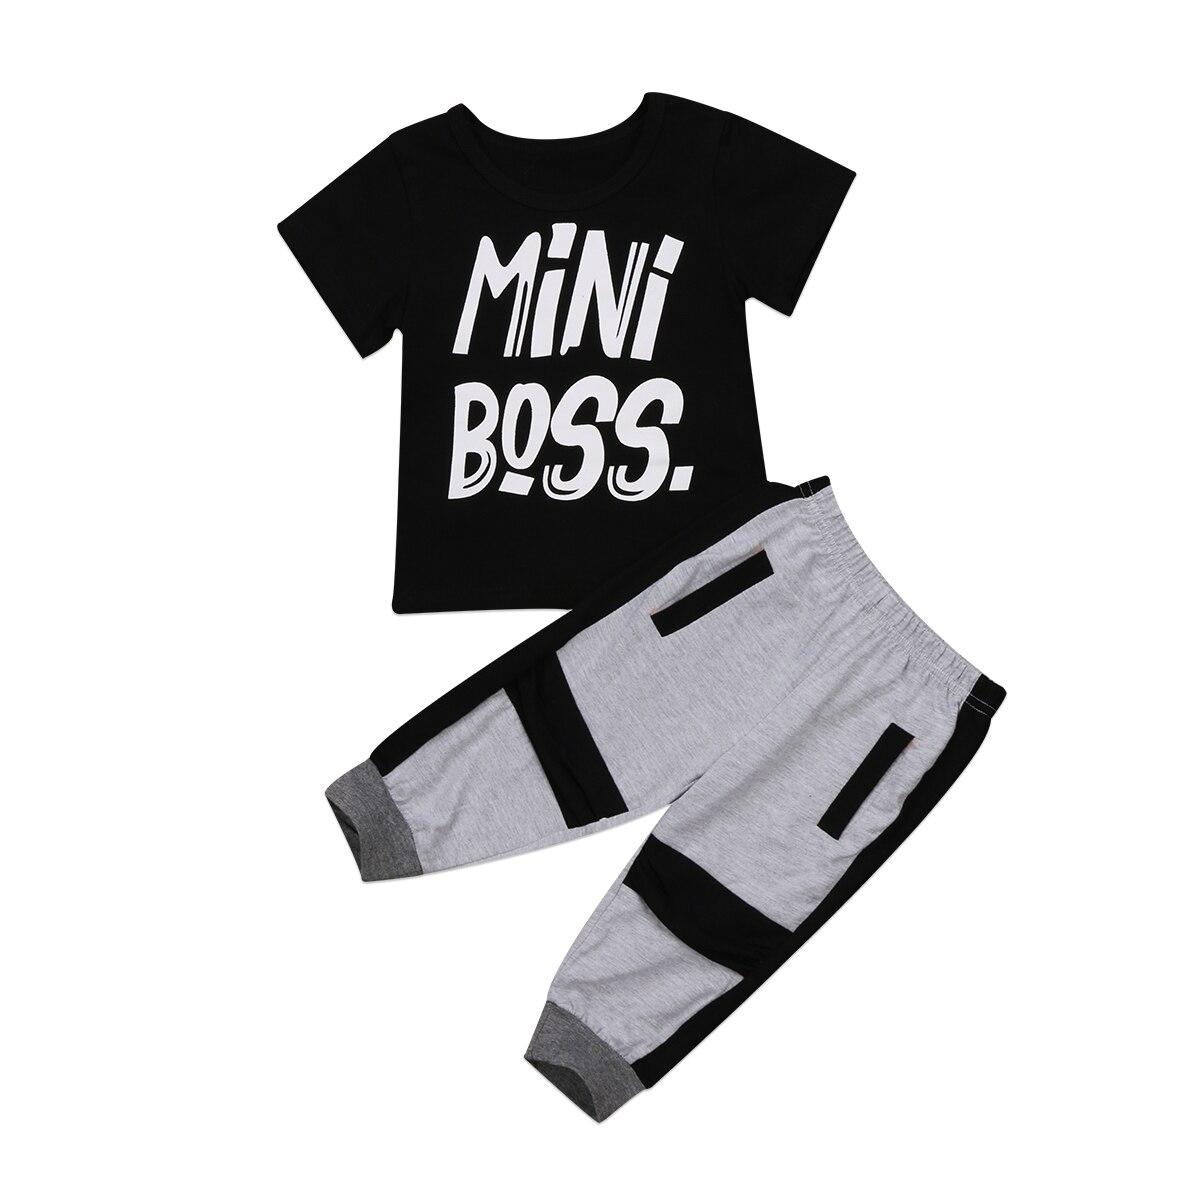 Ropa para niños y chicos, Mini Boss para niños pequeños, Camiseta de algodón de manga corta, pantalones bombachos, 2 uds, conjunto de ropa de verano para niños de 1 a 6 años